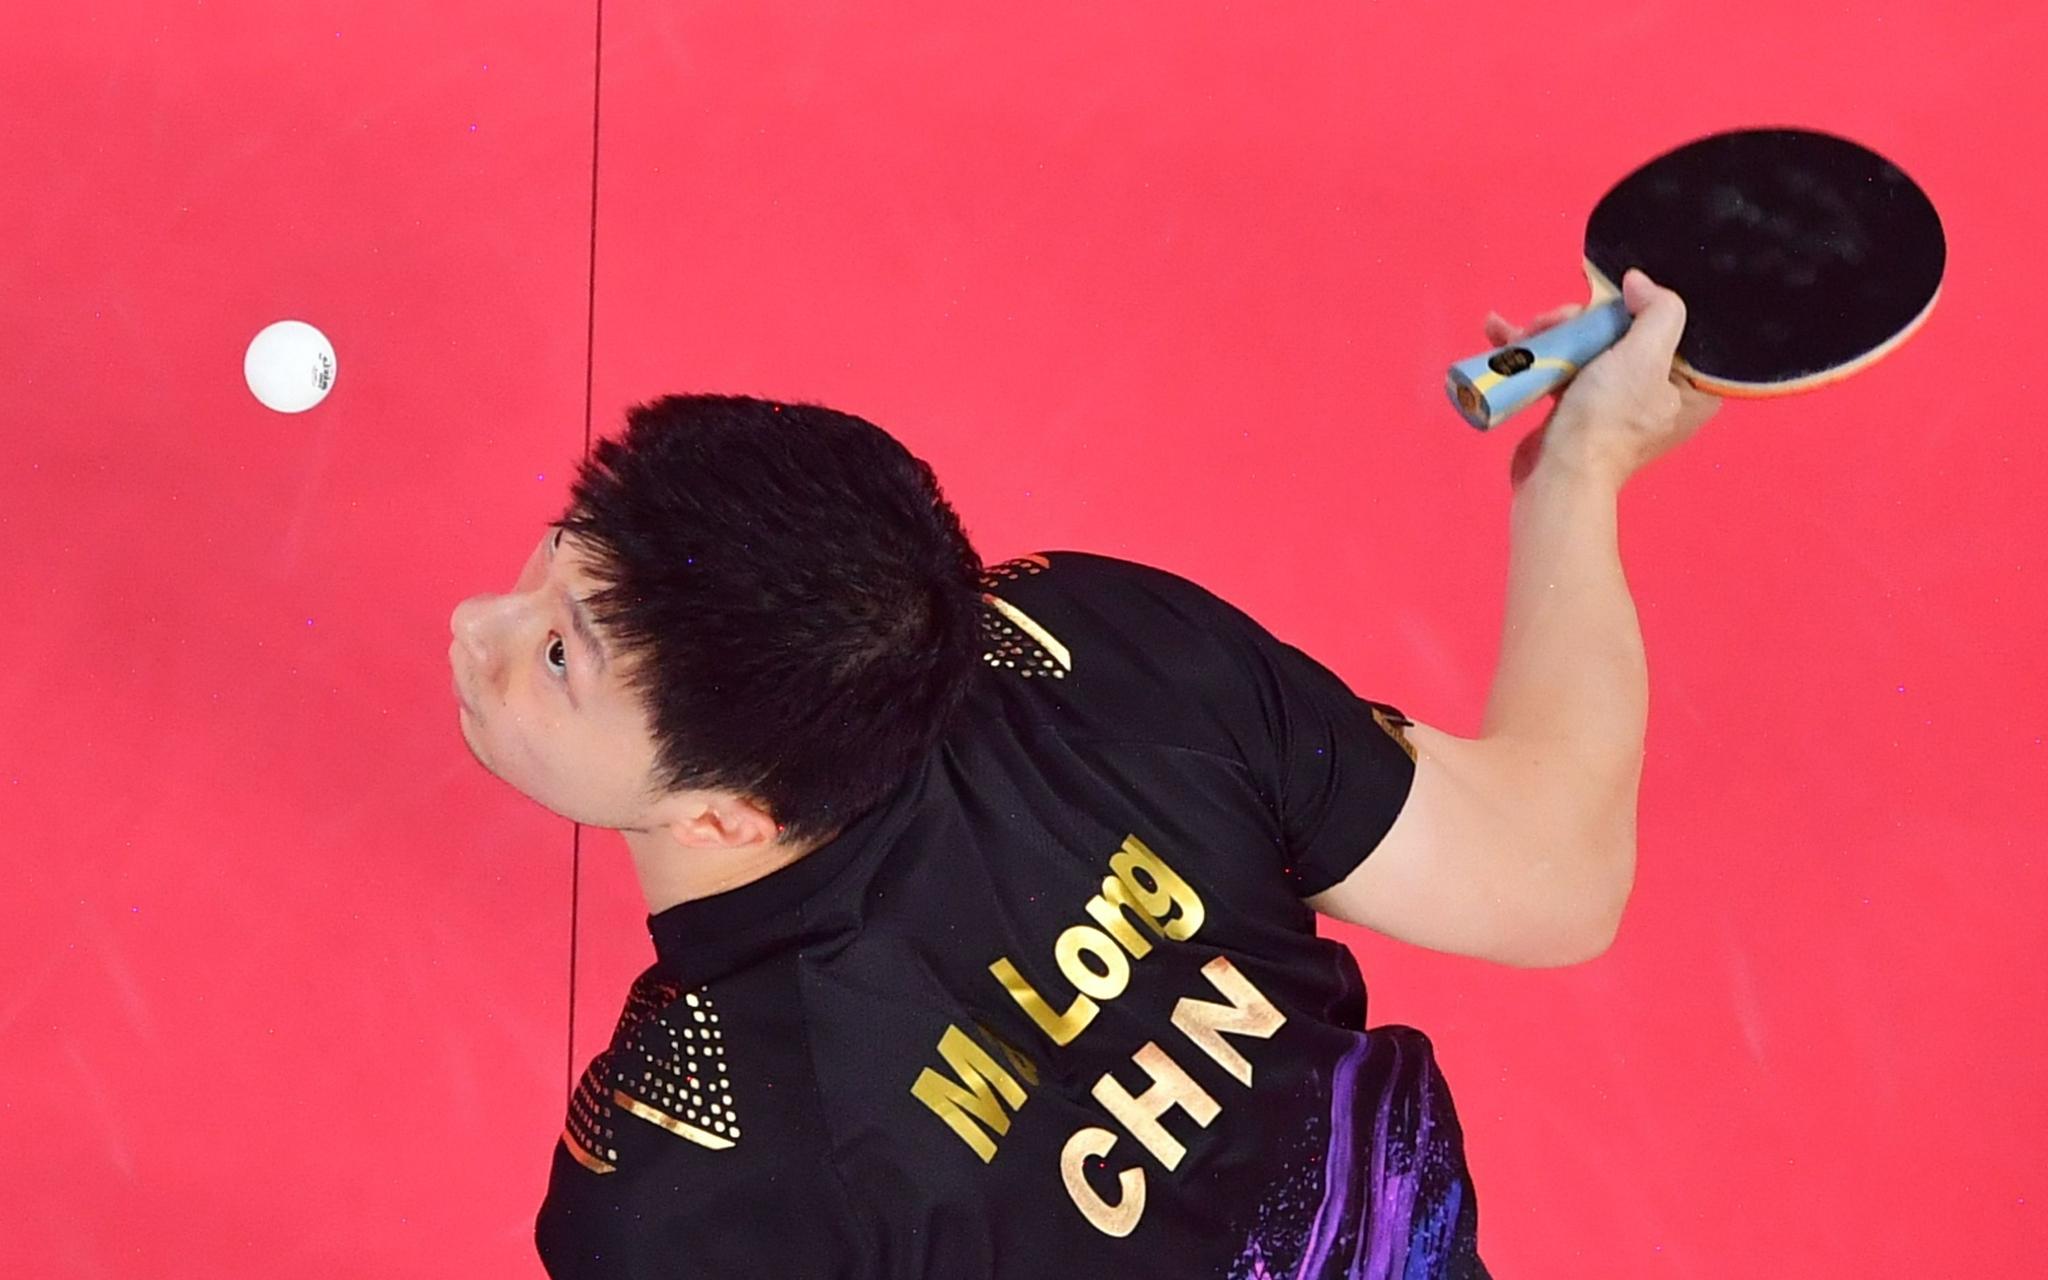 马龙成功卫冕男单金牌。图/新华社